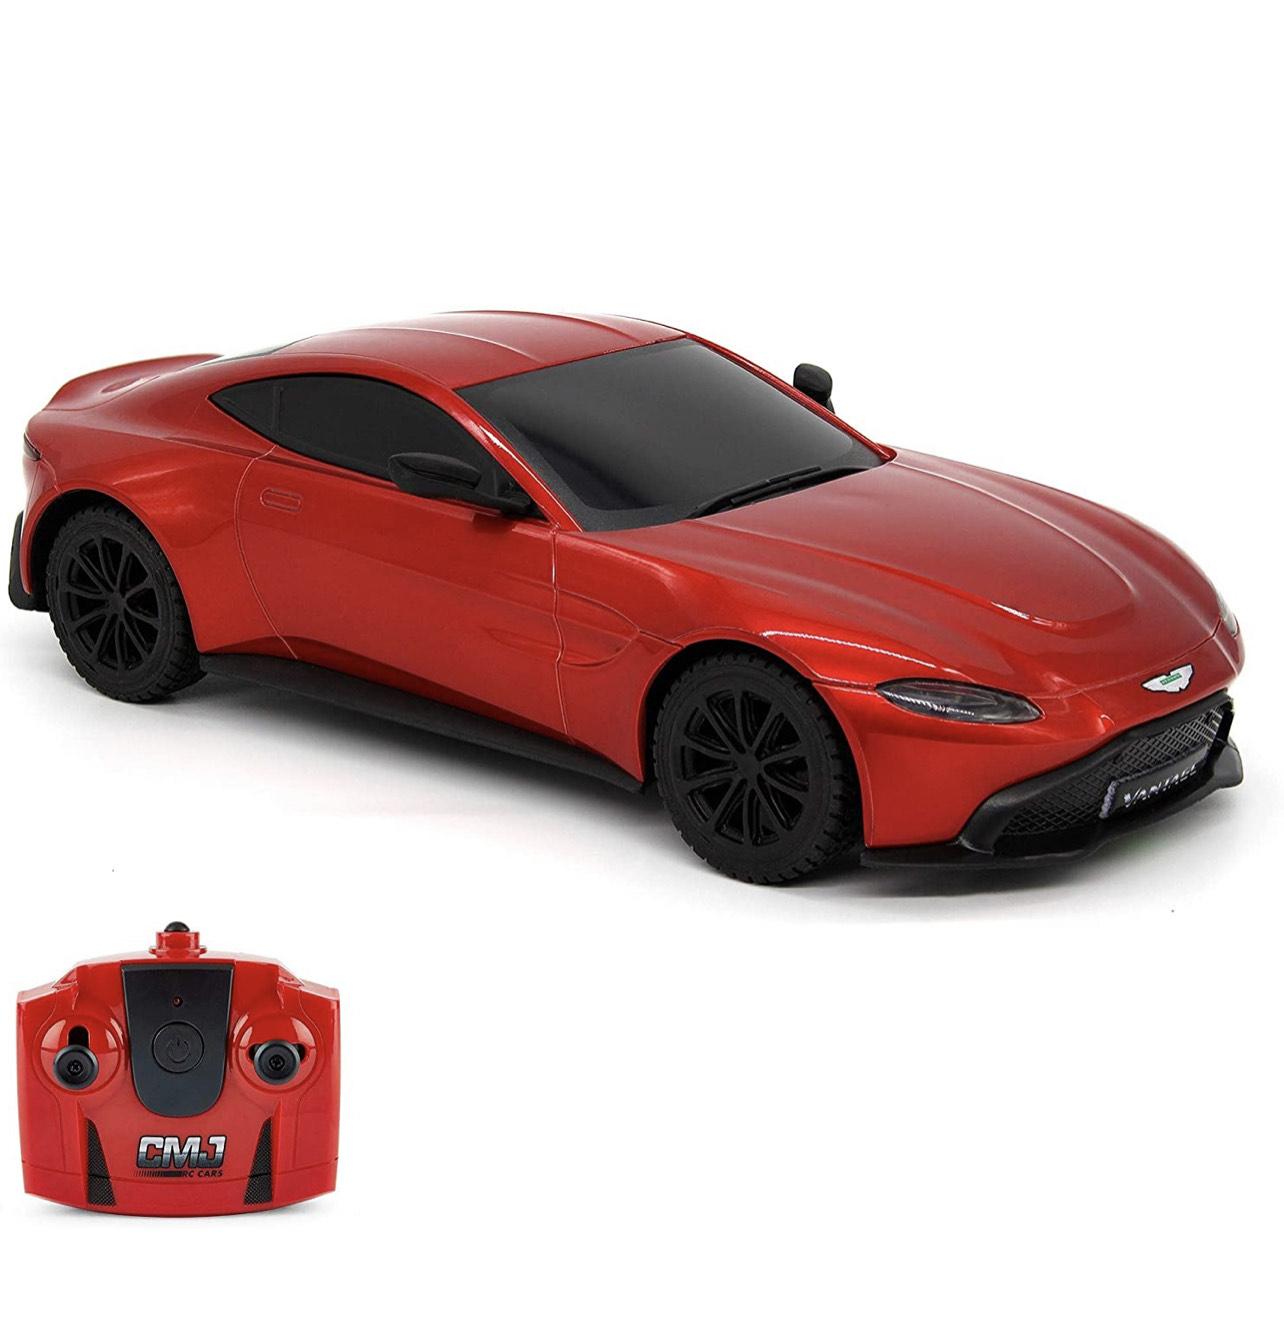 CMJ RC Cars™ Aston Martin Vantage Officially Licensed Remote Control Car. 1:24 Scale Red £7.98 (+£4.49 non-prime) @ Amazon